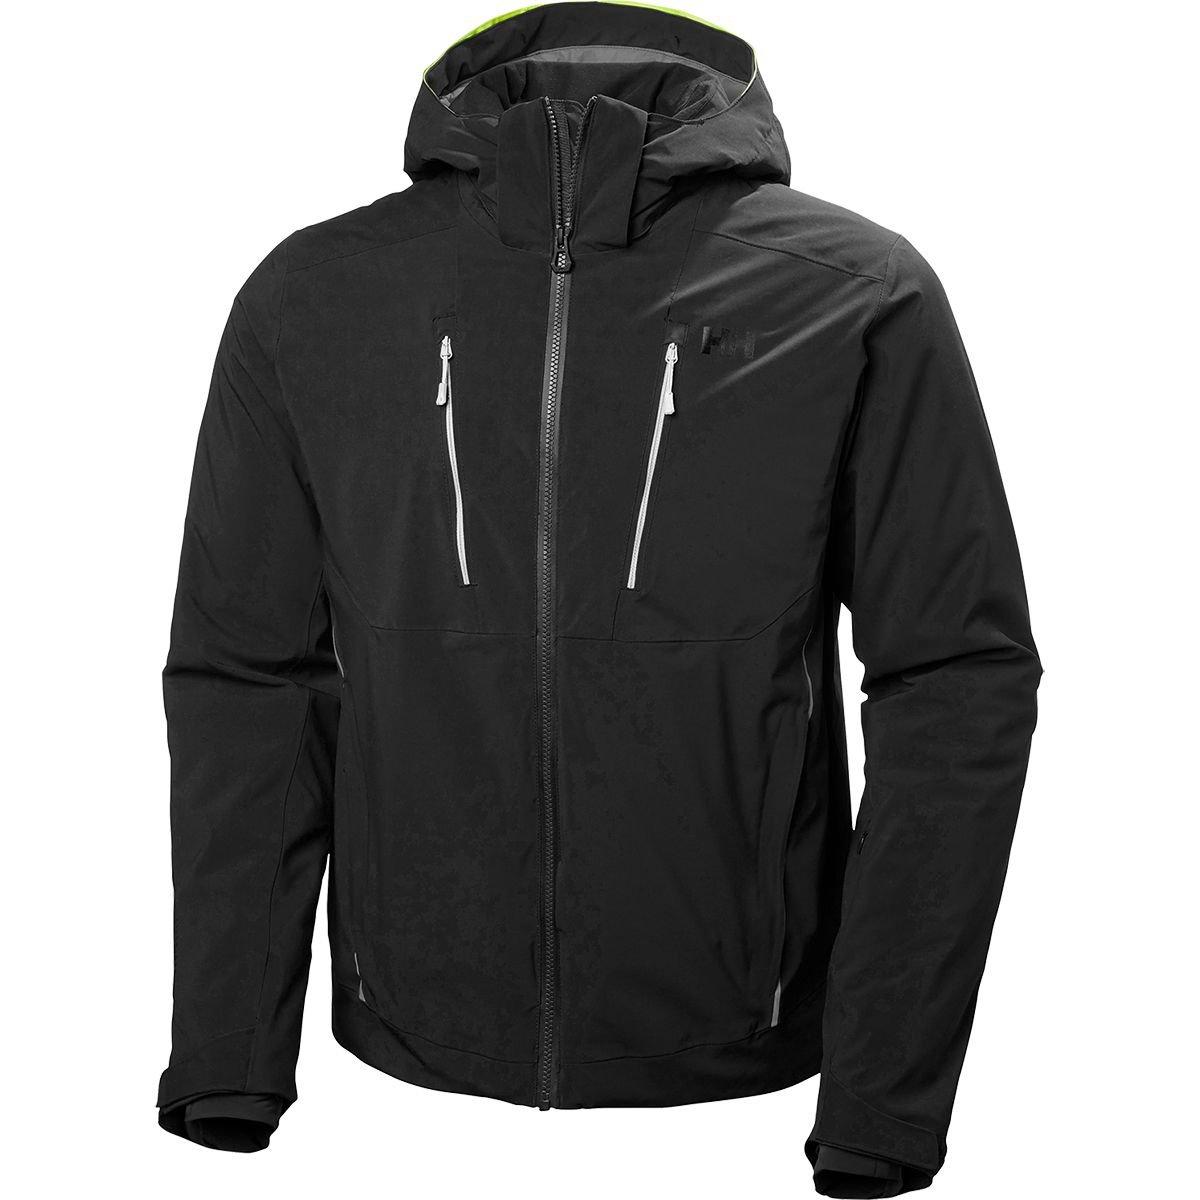 (ヘリーハンセン) Helly Hansen Alpha 3.0 Jacket メンズ ジャケットBlack [並行輸入品] B07674ZMZF  Black 日本サイズ M (US S)